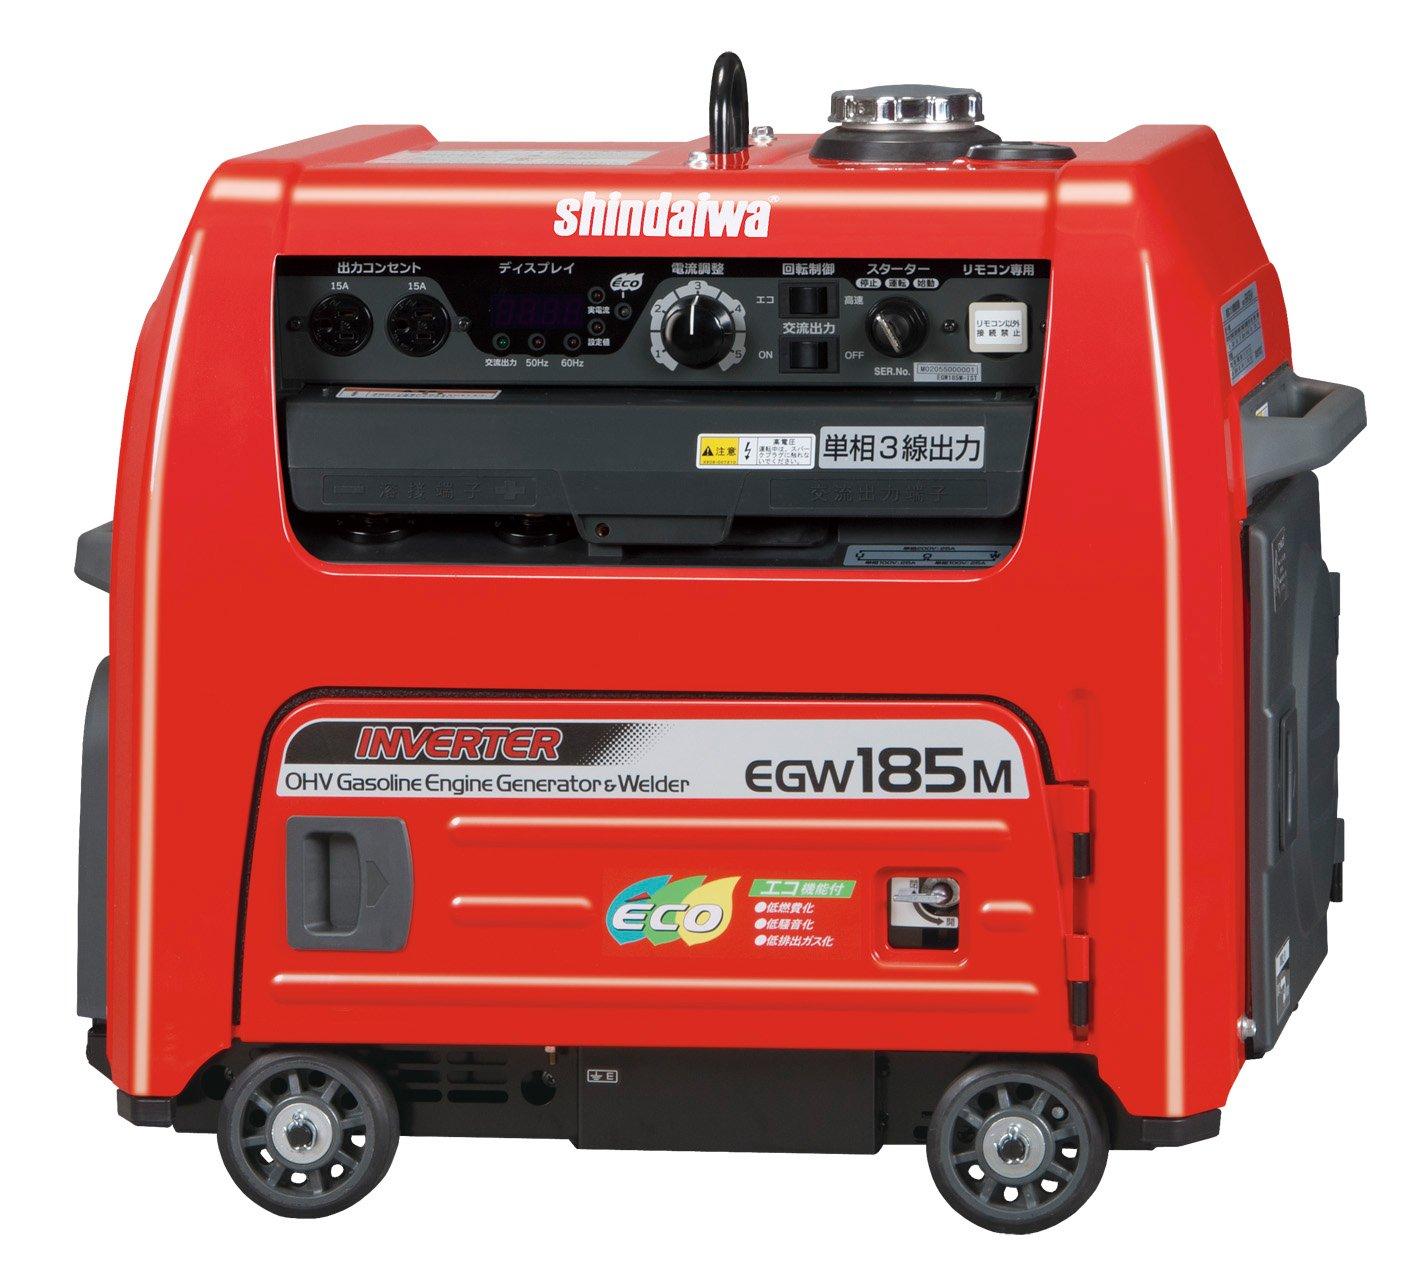 やまびこ産業機械 新ダイワ EGW185M-I 発電機兼用溶接機(ガソリンエンジン)